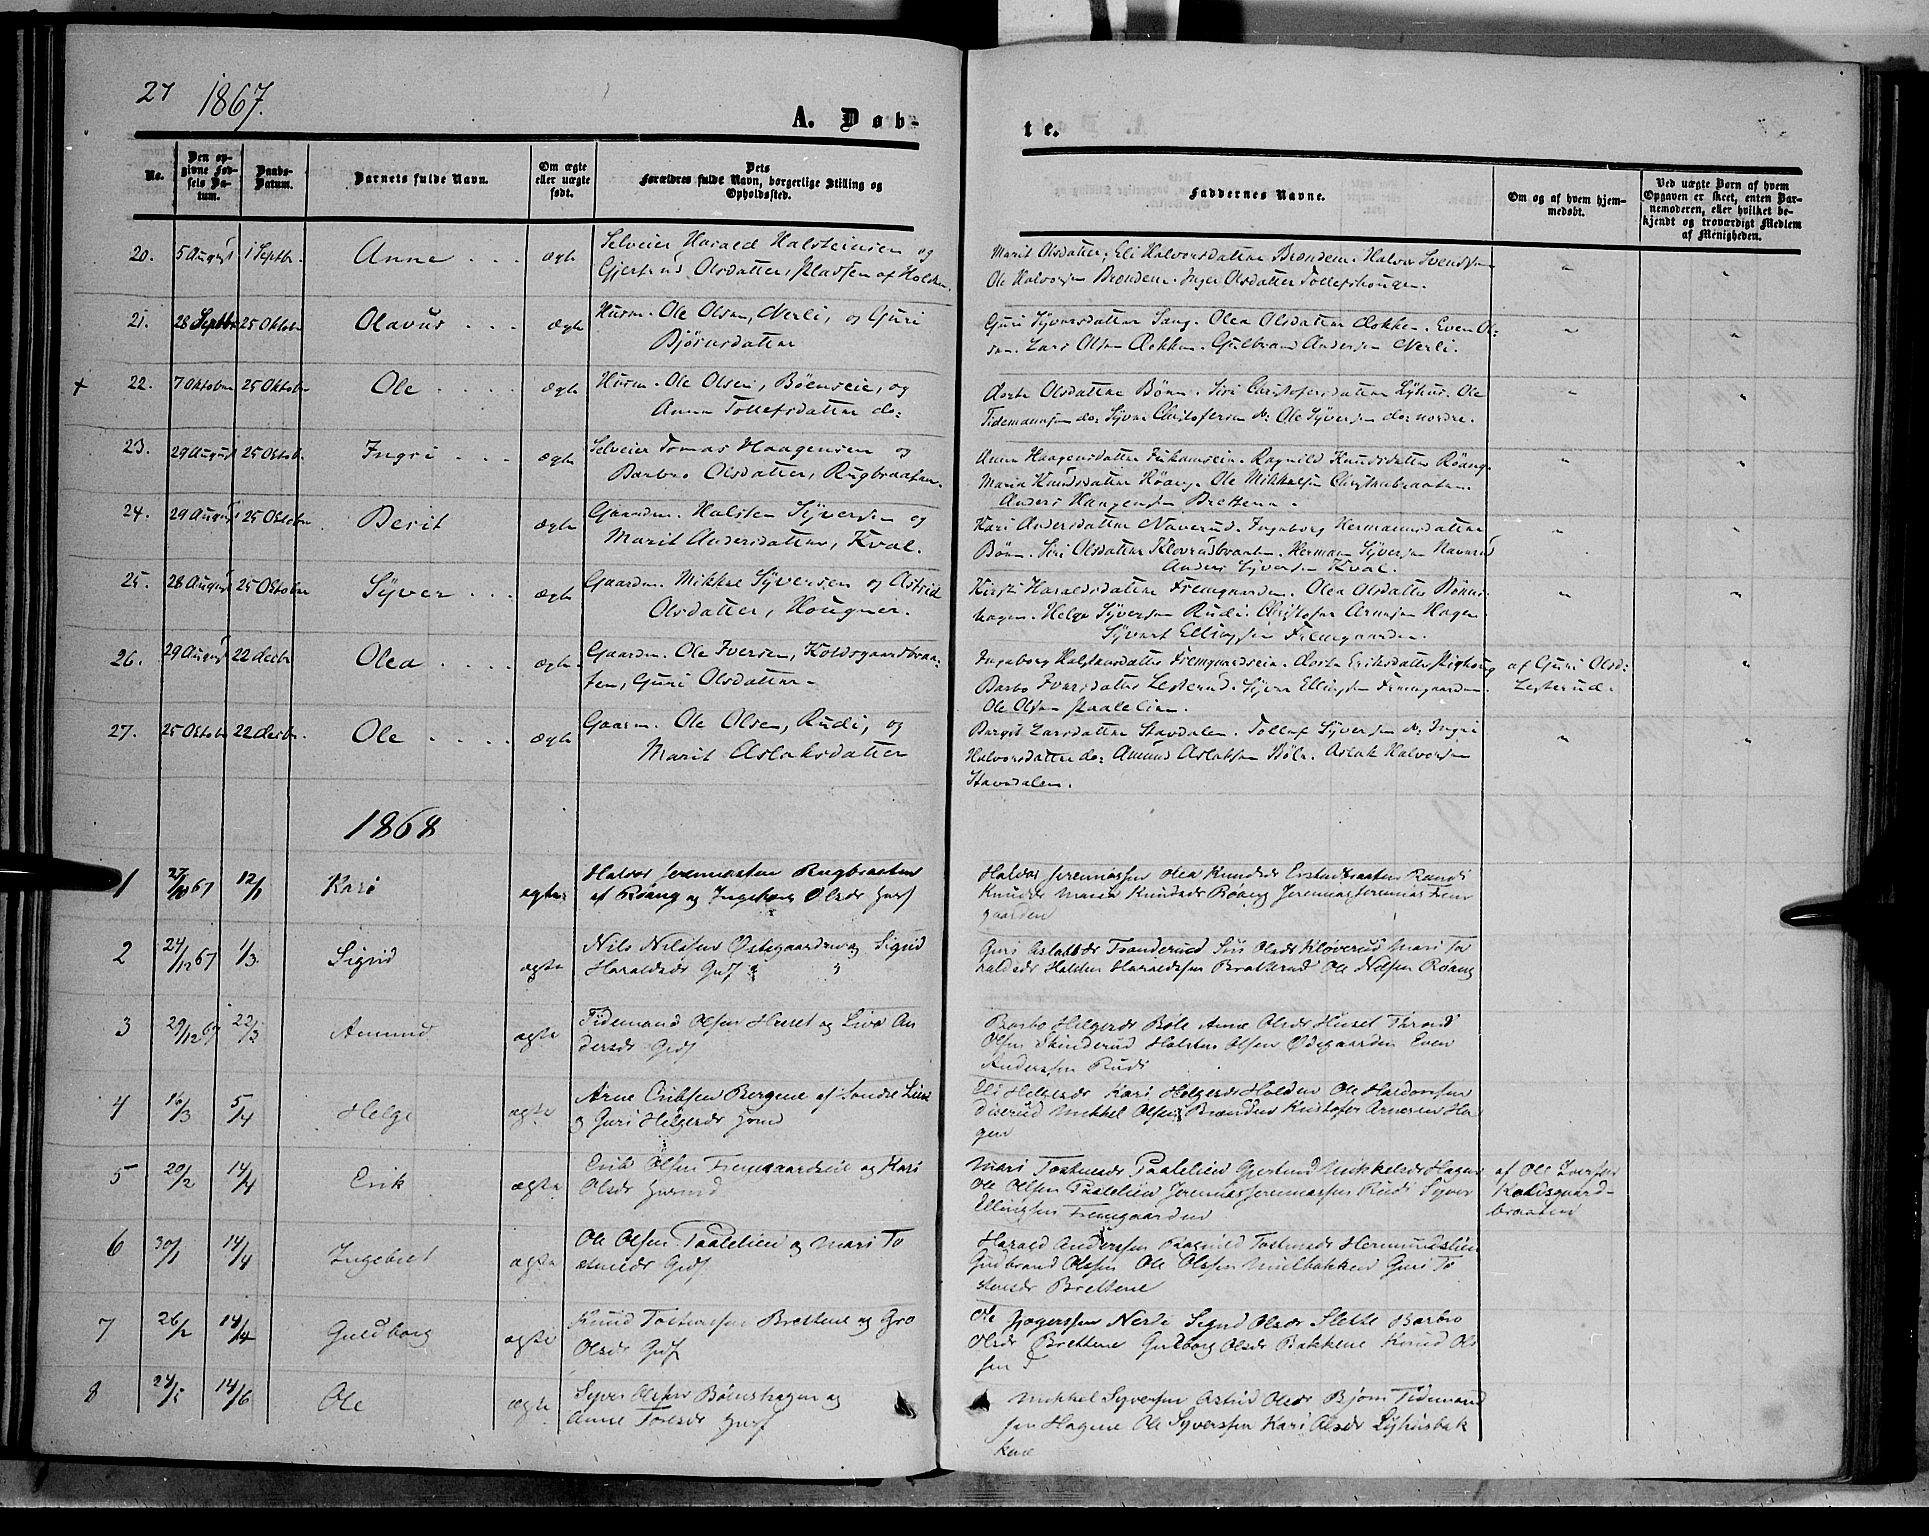 SAH, Sør-Aurdal prestekontor, Ministerialbok nr. 6, 1849-1876, s. 27